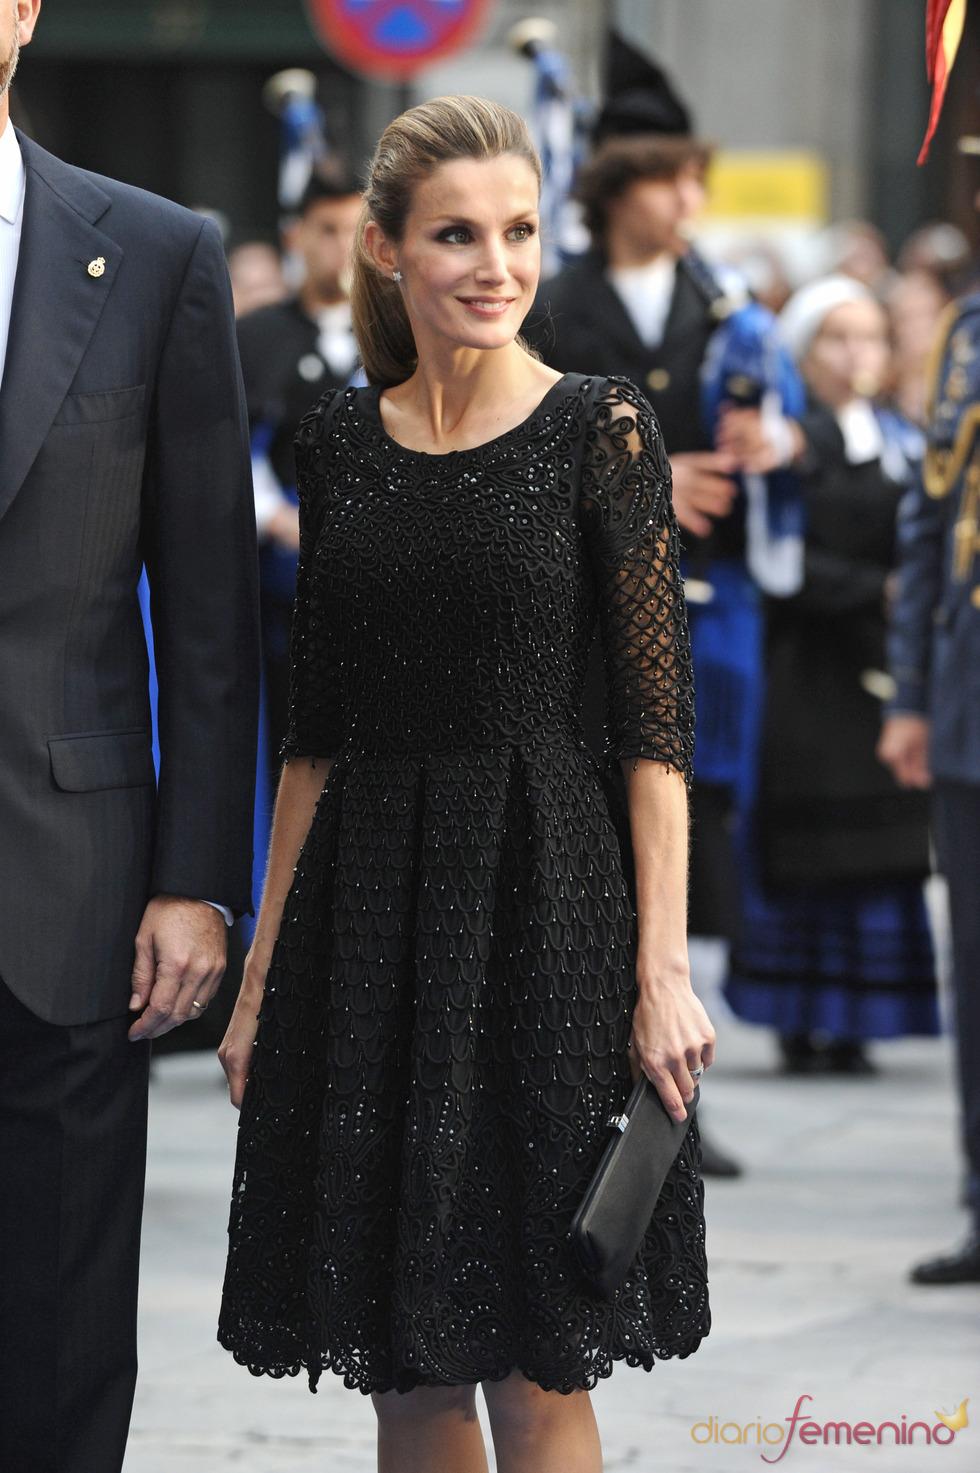 El look de la princesa Letizia en los premios Príncipe de Asturias 2010